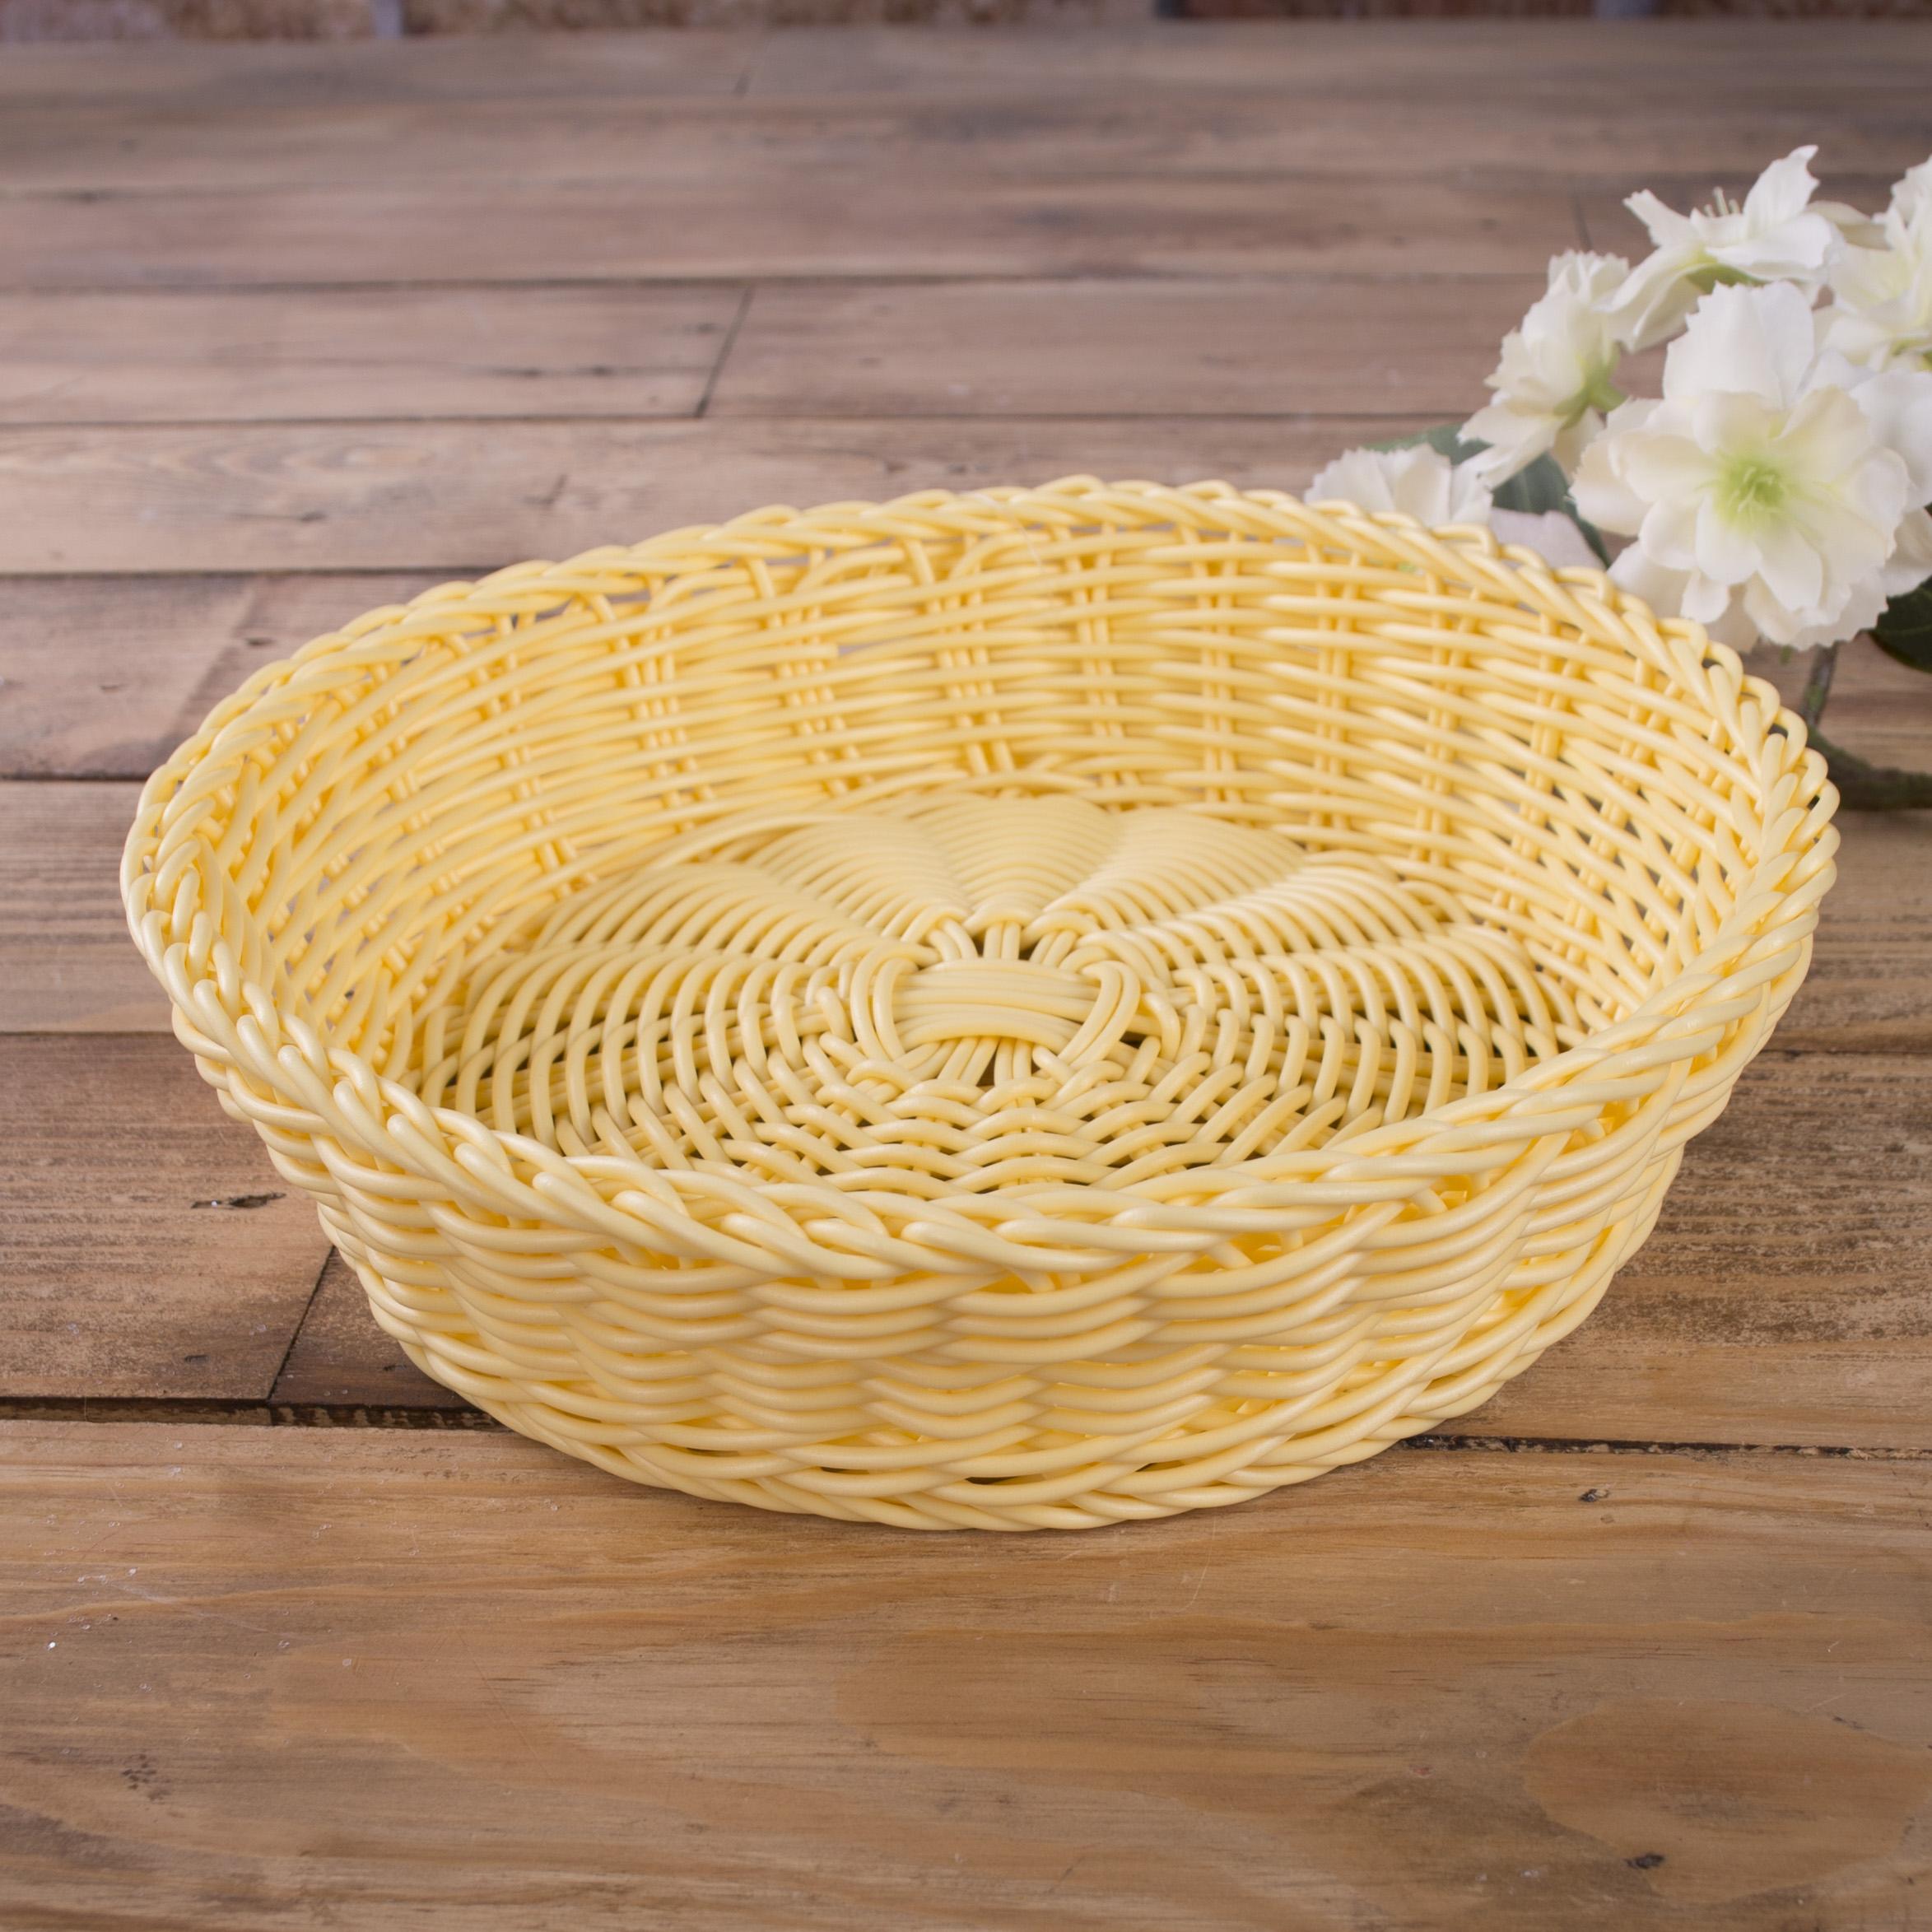 кашпо пластиковое круглое плетеное желтое